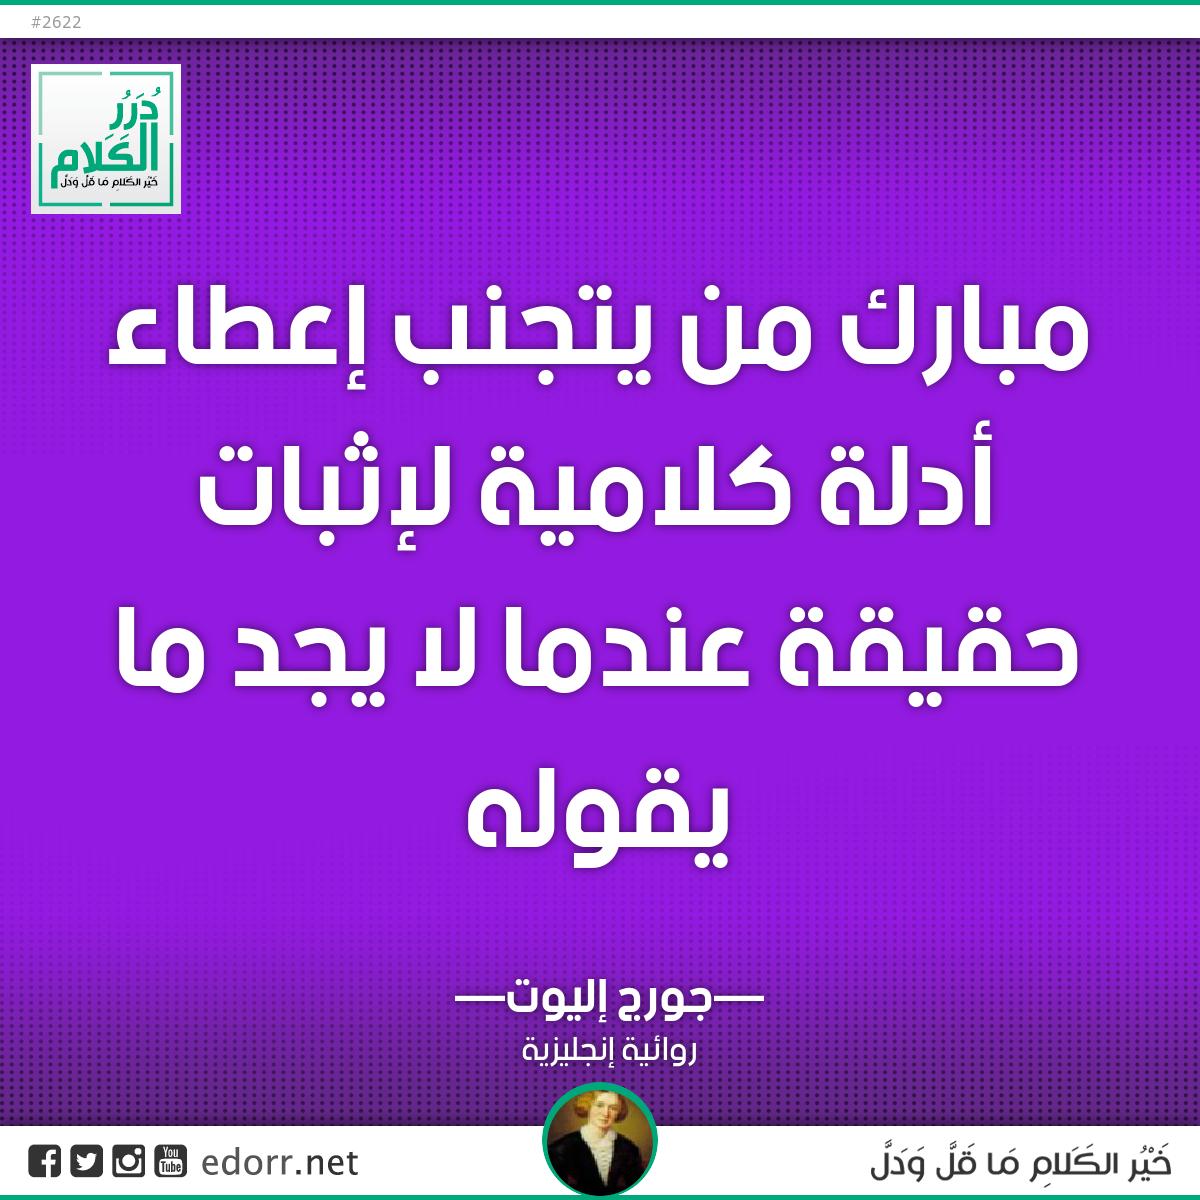 مبارك من يتجنب إعطاء أدلة كلامية لإثبات حقيقة عندما لا يجد ما يقوله.